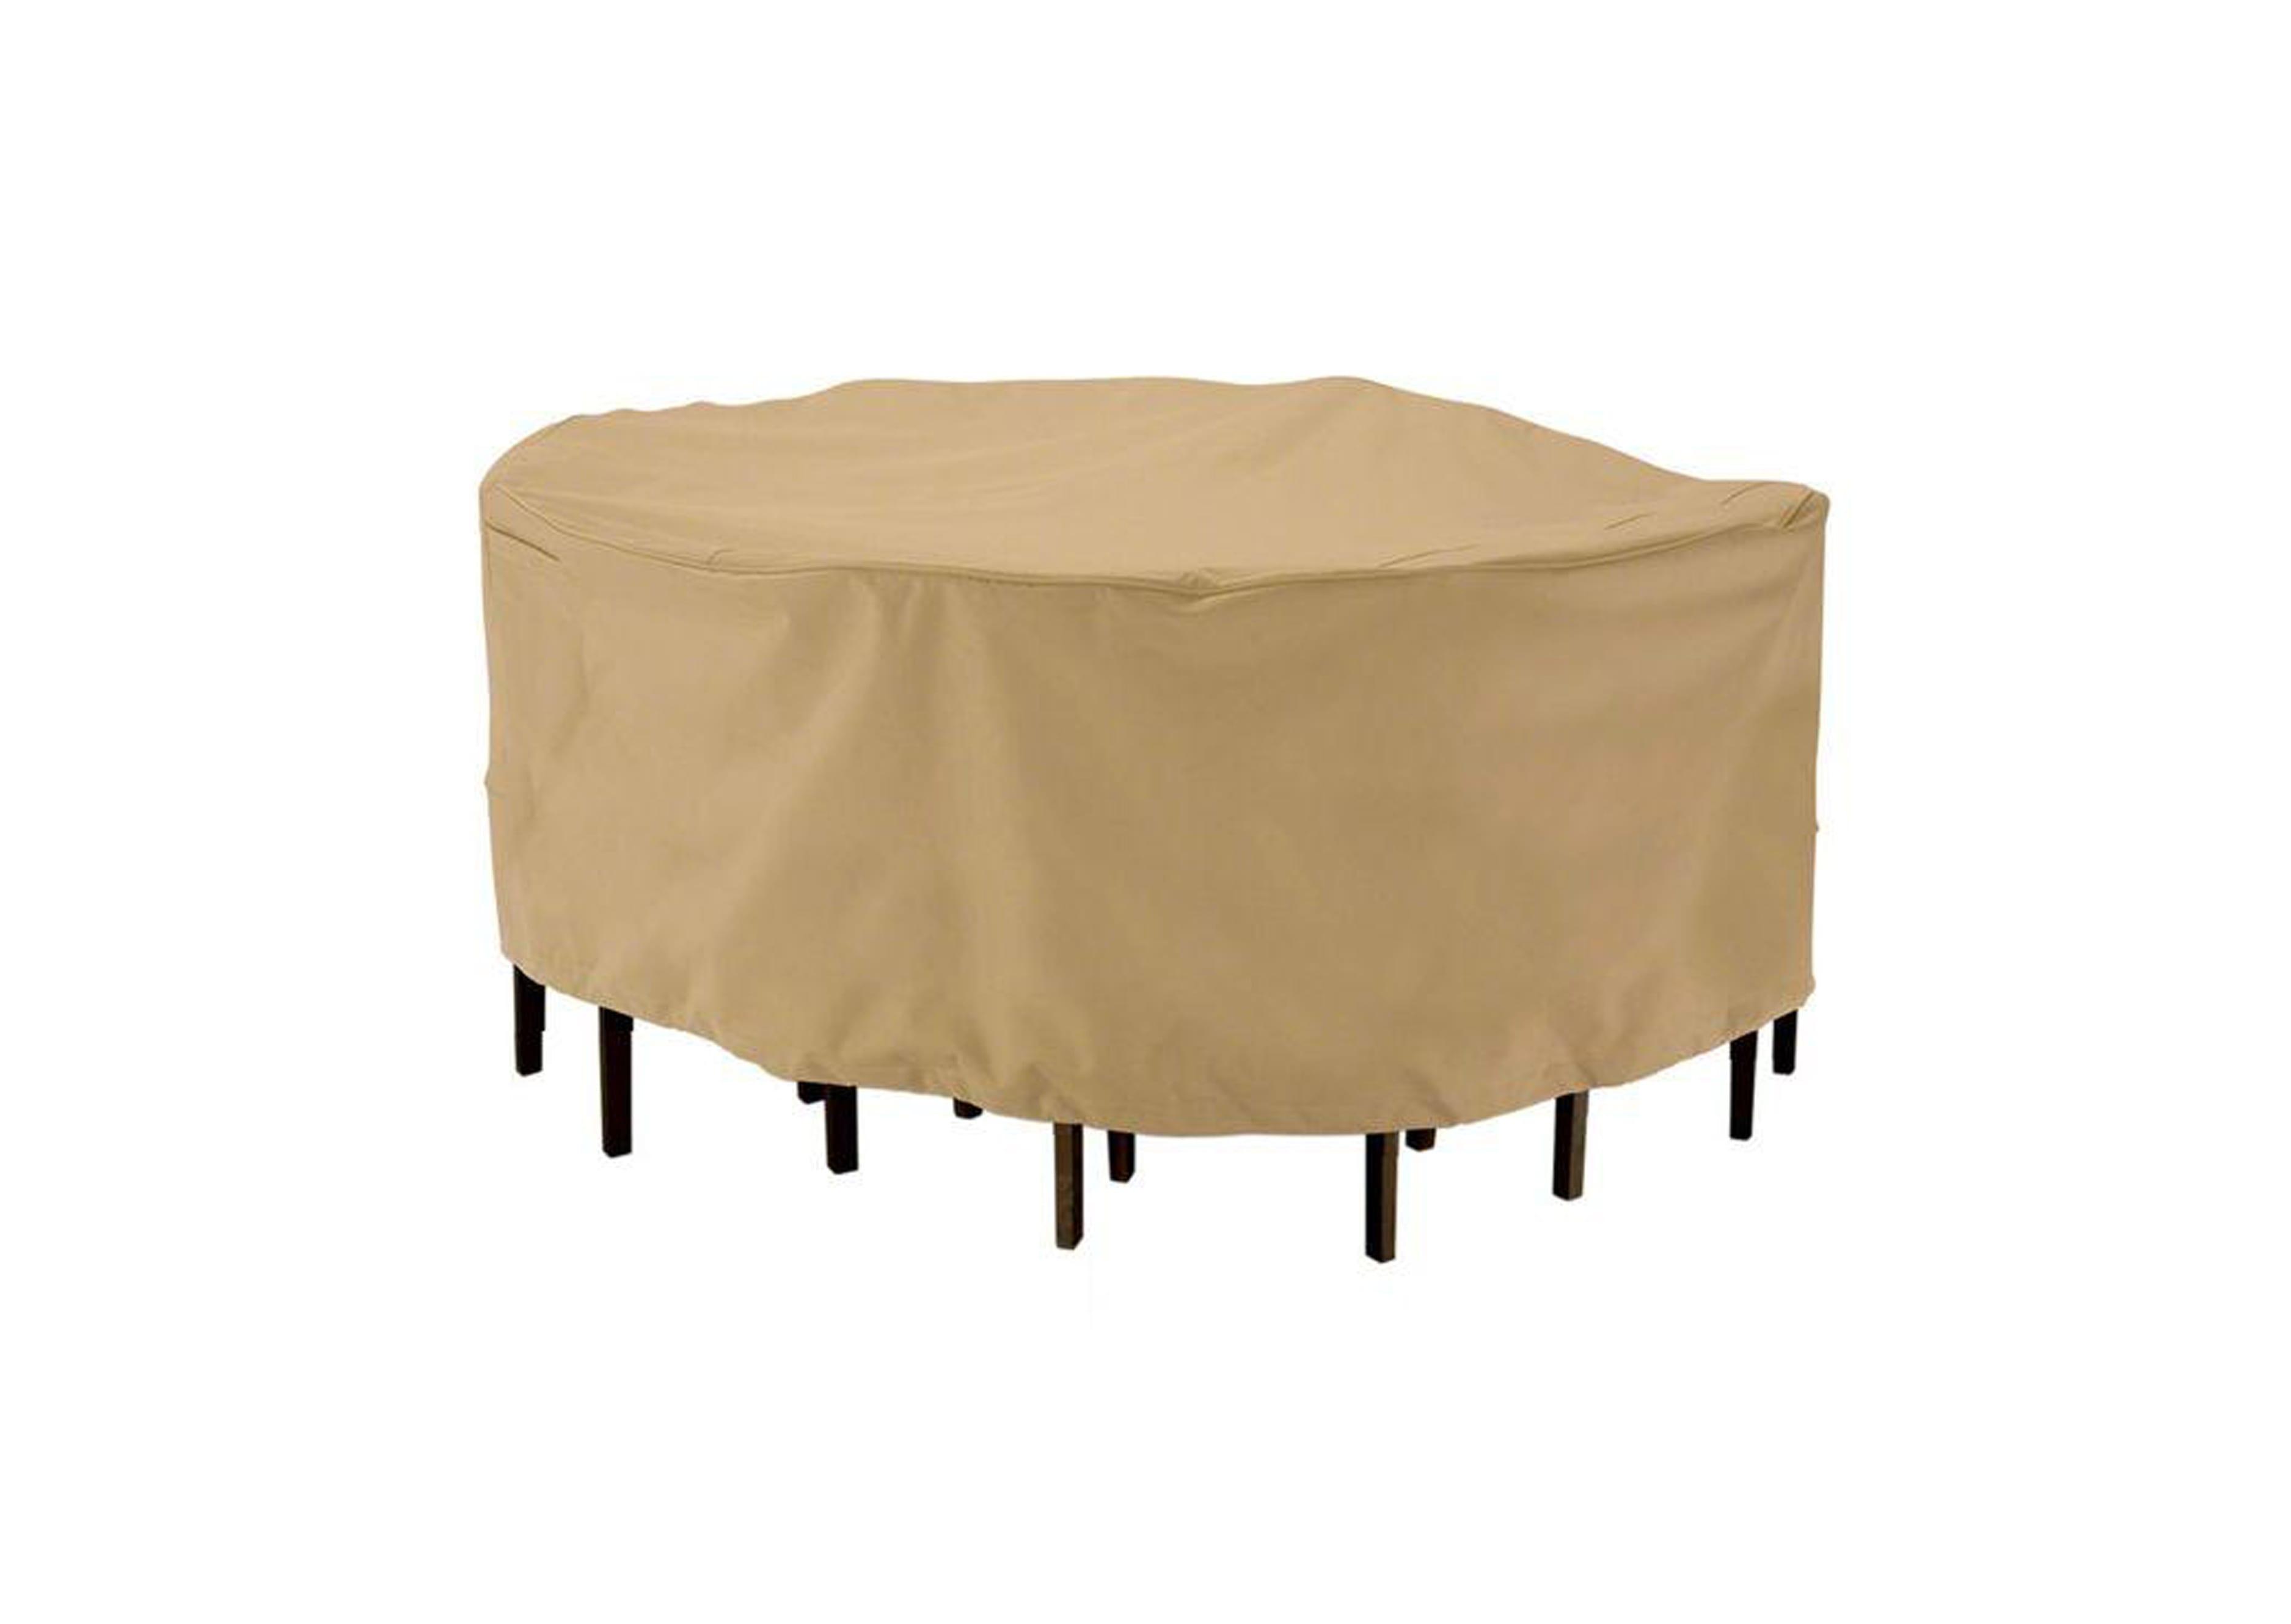 Kerti bútor védőhuzat, kerti szék, asztal takaróponyva